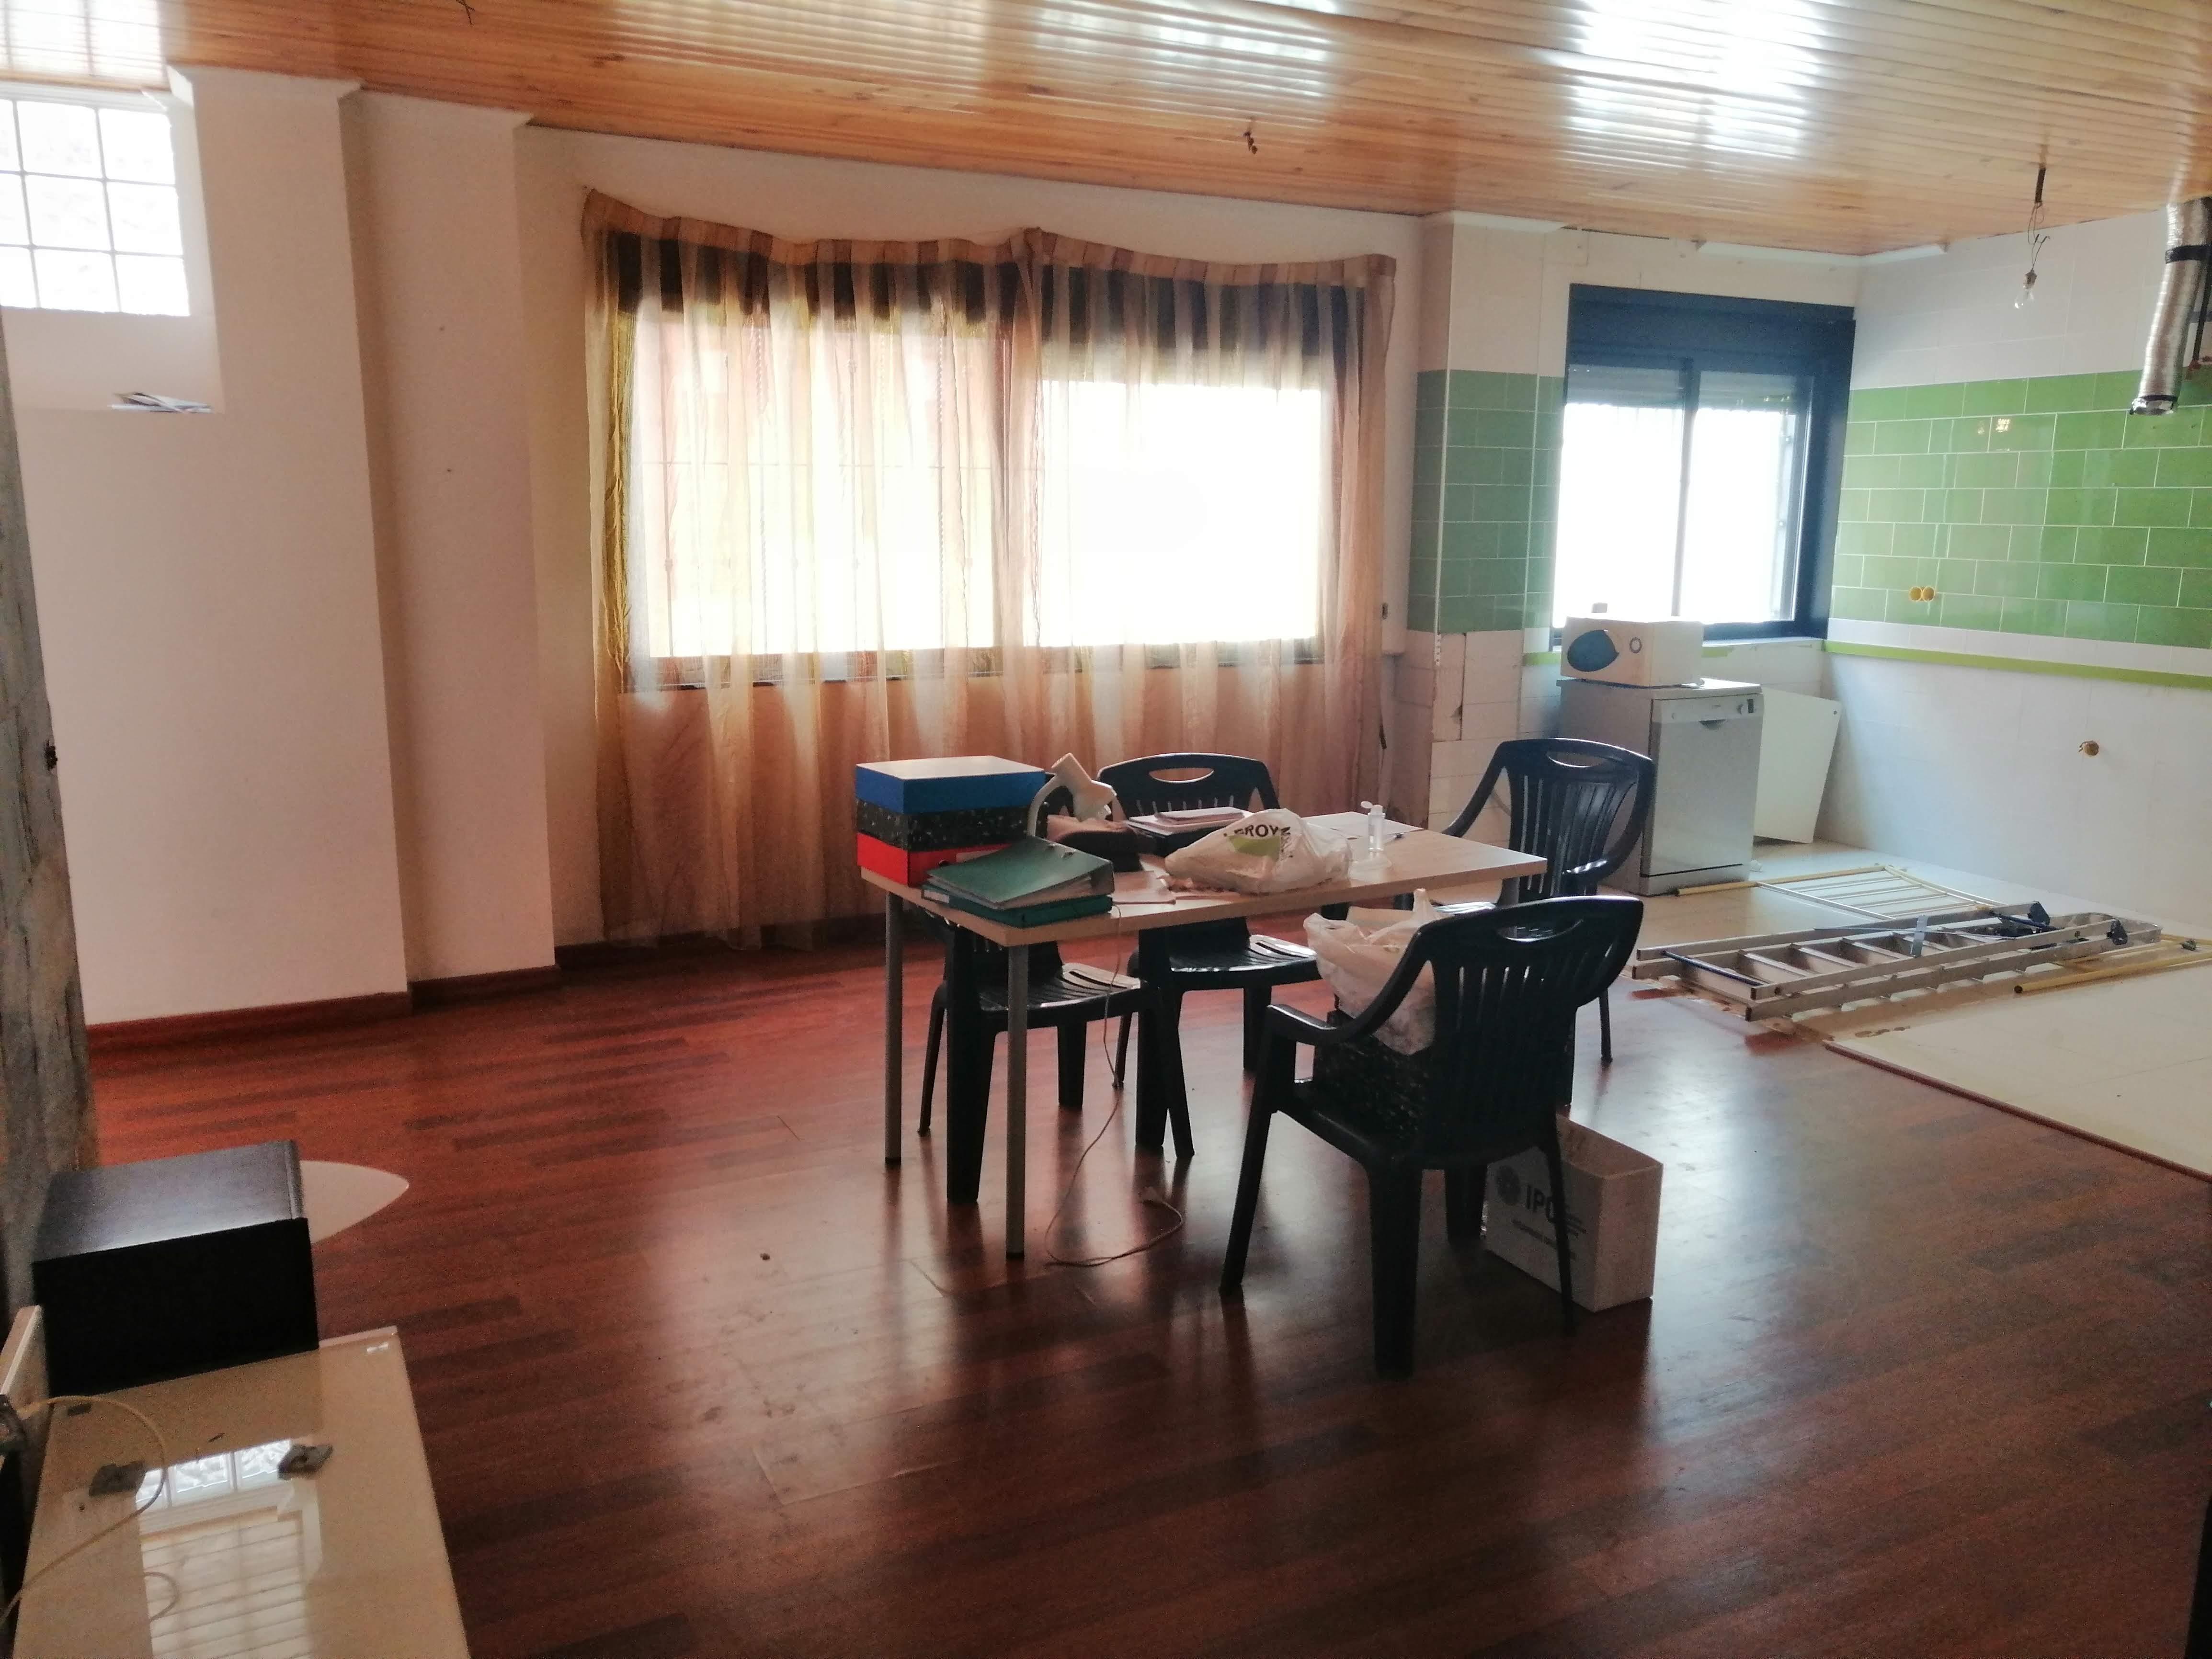 Casas y pisos en alquiler Valencia - M2 Apartments Valencia